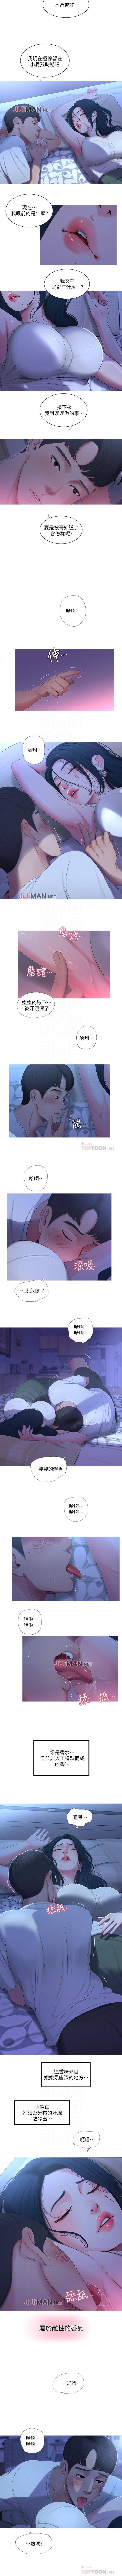 【周四连载】亲家四姐妹(作者:愛摸) 第1~37话 49